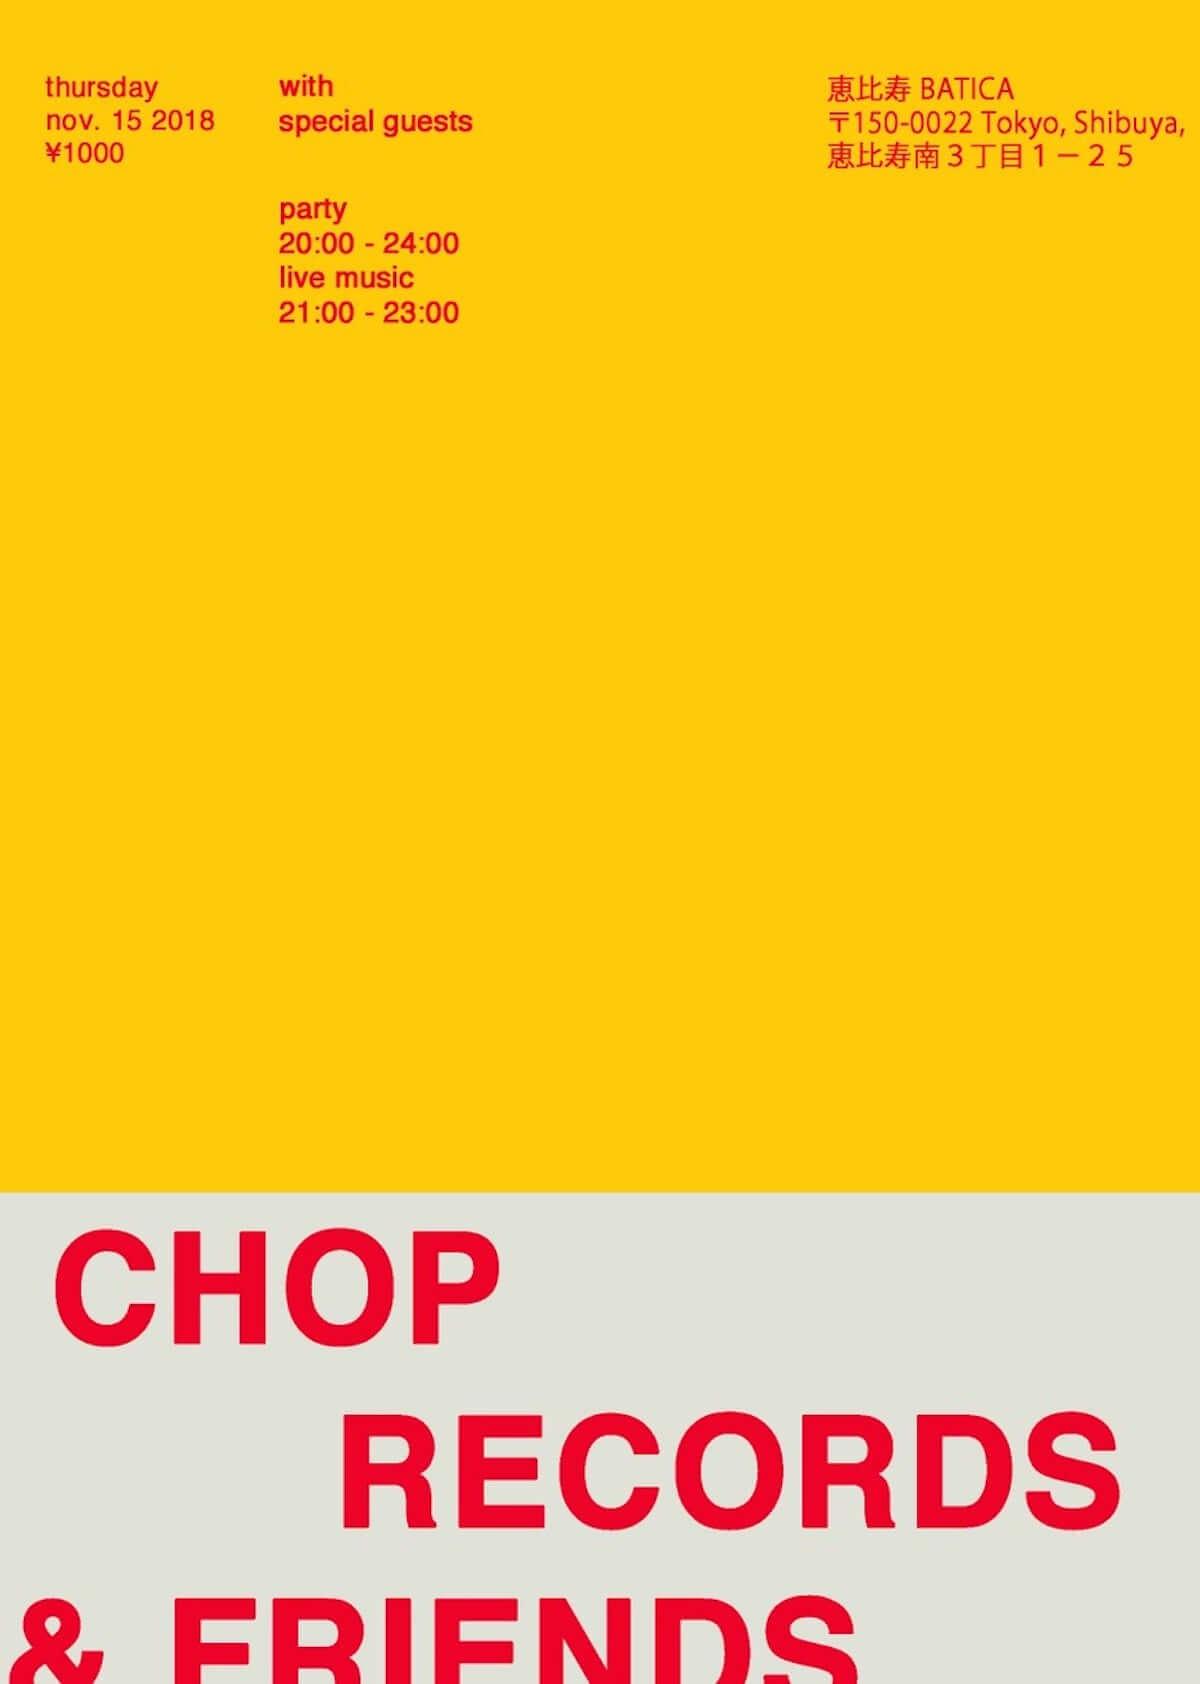 <今夜急遽開催>EstieeらNYストリートシーンのキーパーソンが集結!Tokyovitaminも登場!! chop-records-friends-181115-1200x1684